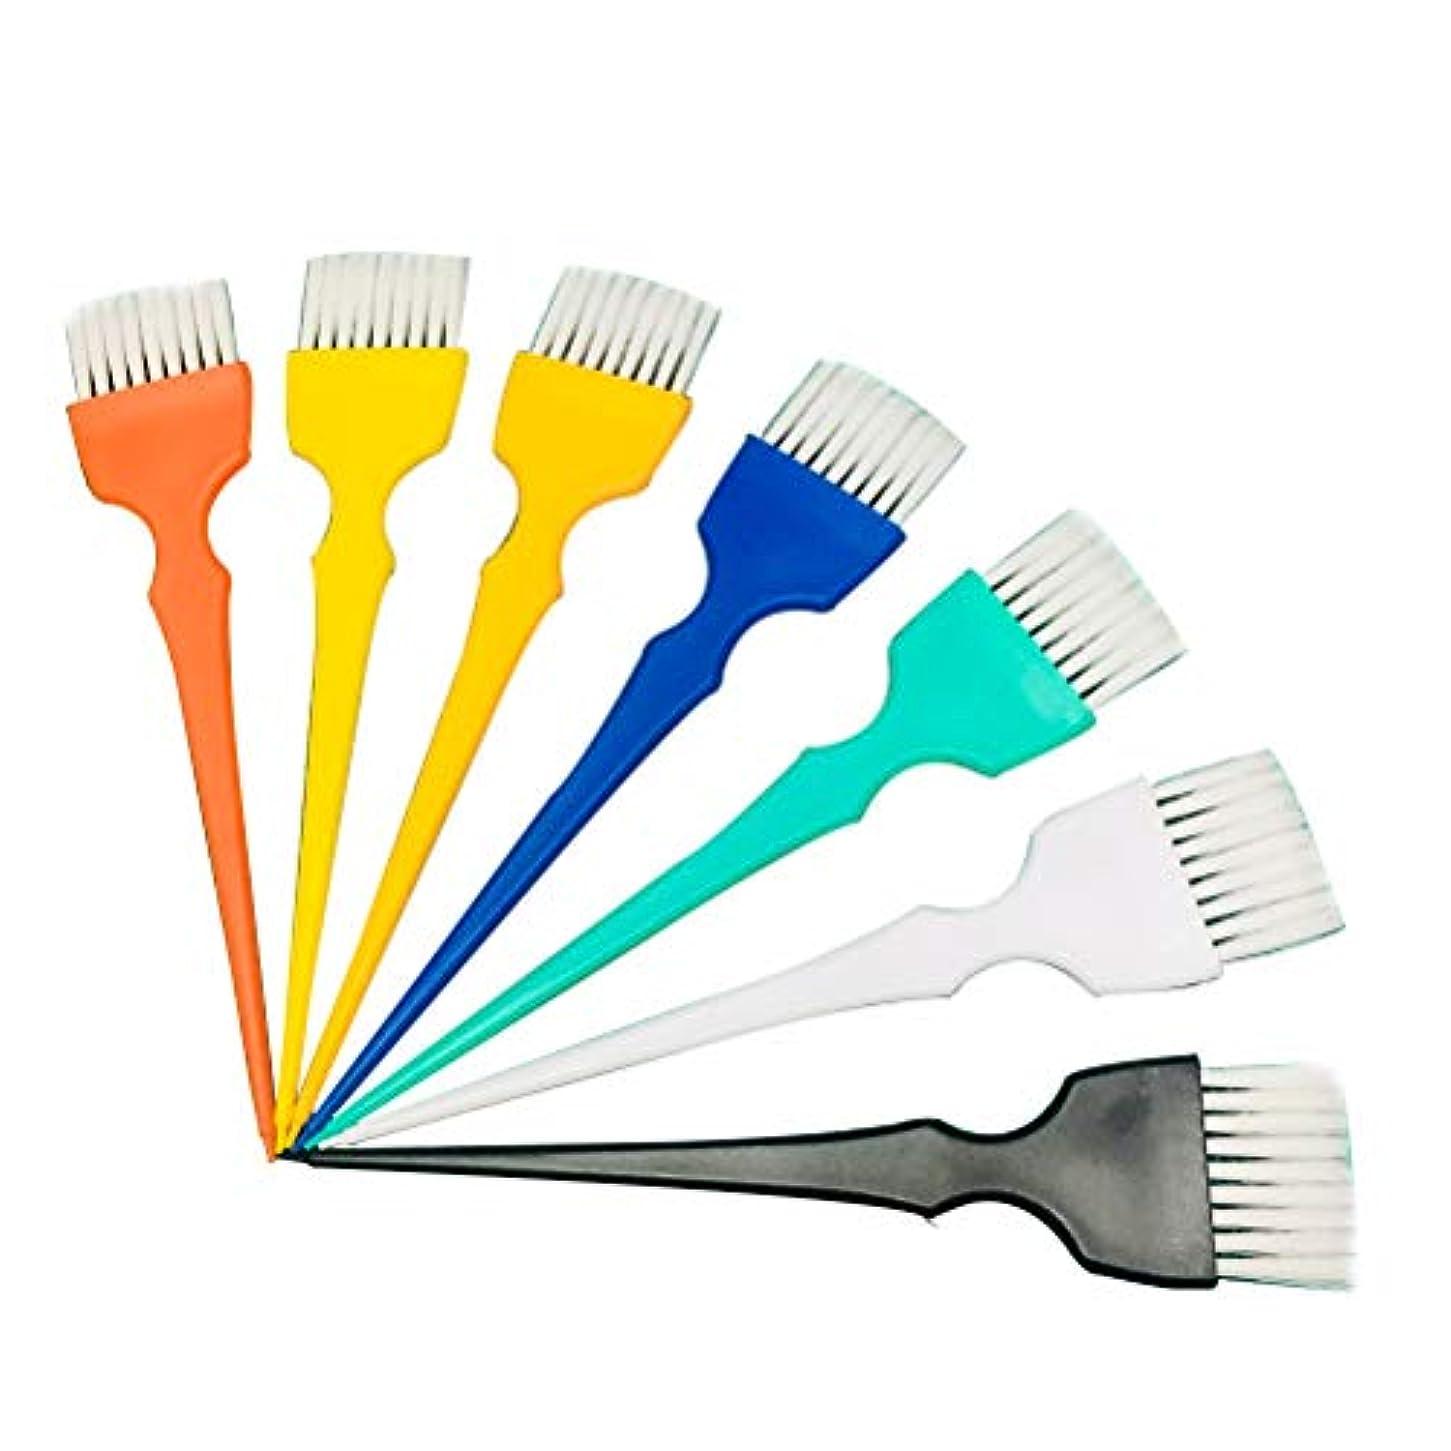 リズミカルなしたい気まぐれなFrcolor ヘアダイブラシ ヘアカラーブラシ ヘアダイコーム 白髪染め 家庭用 美容師プロ用 プラスチック製 7本セット(ランダムカラー)